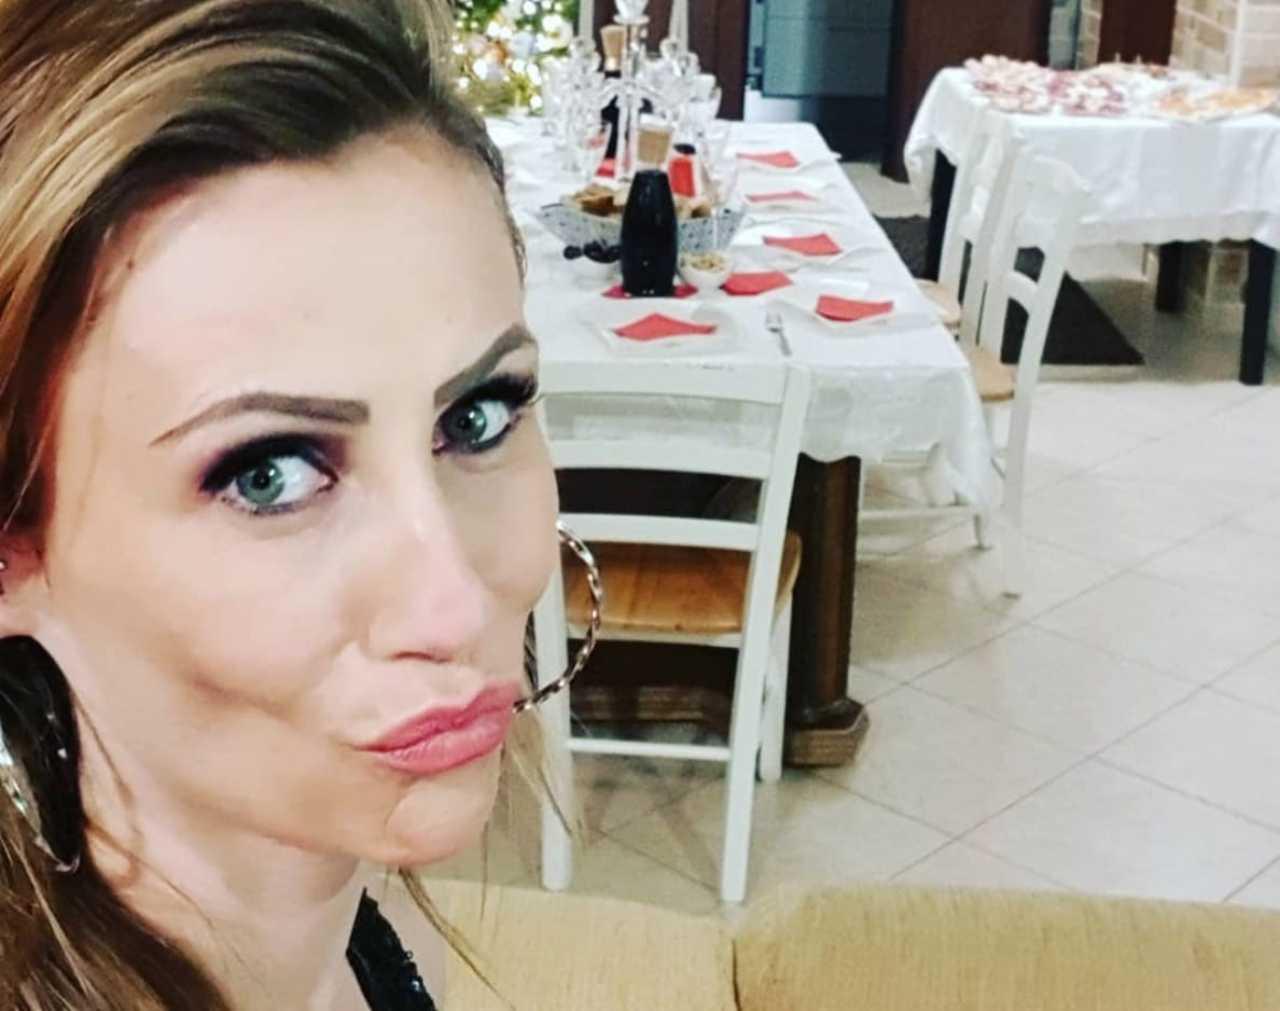 Ursula Bennardo Annuncio Instagram Guarita Covid